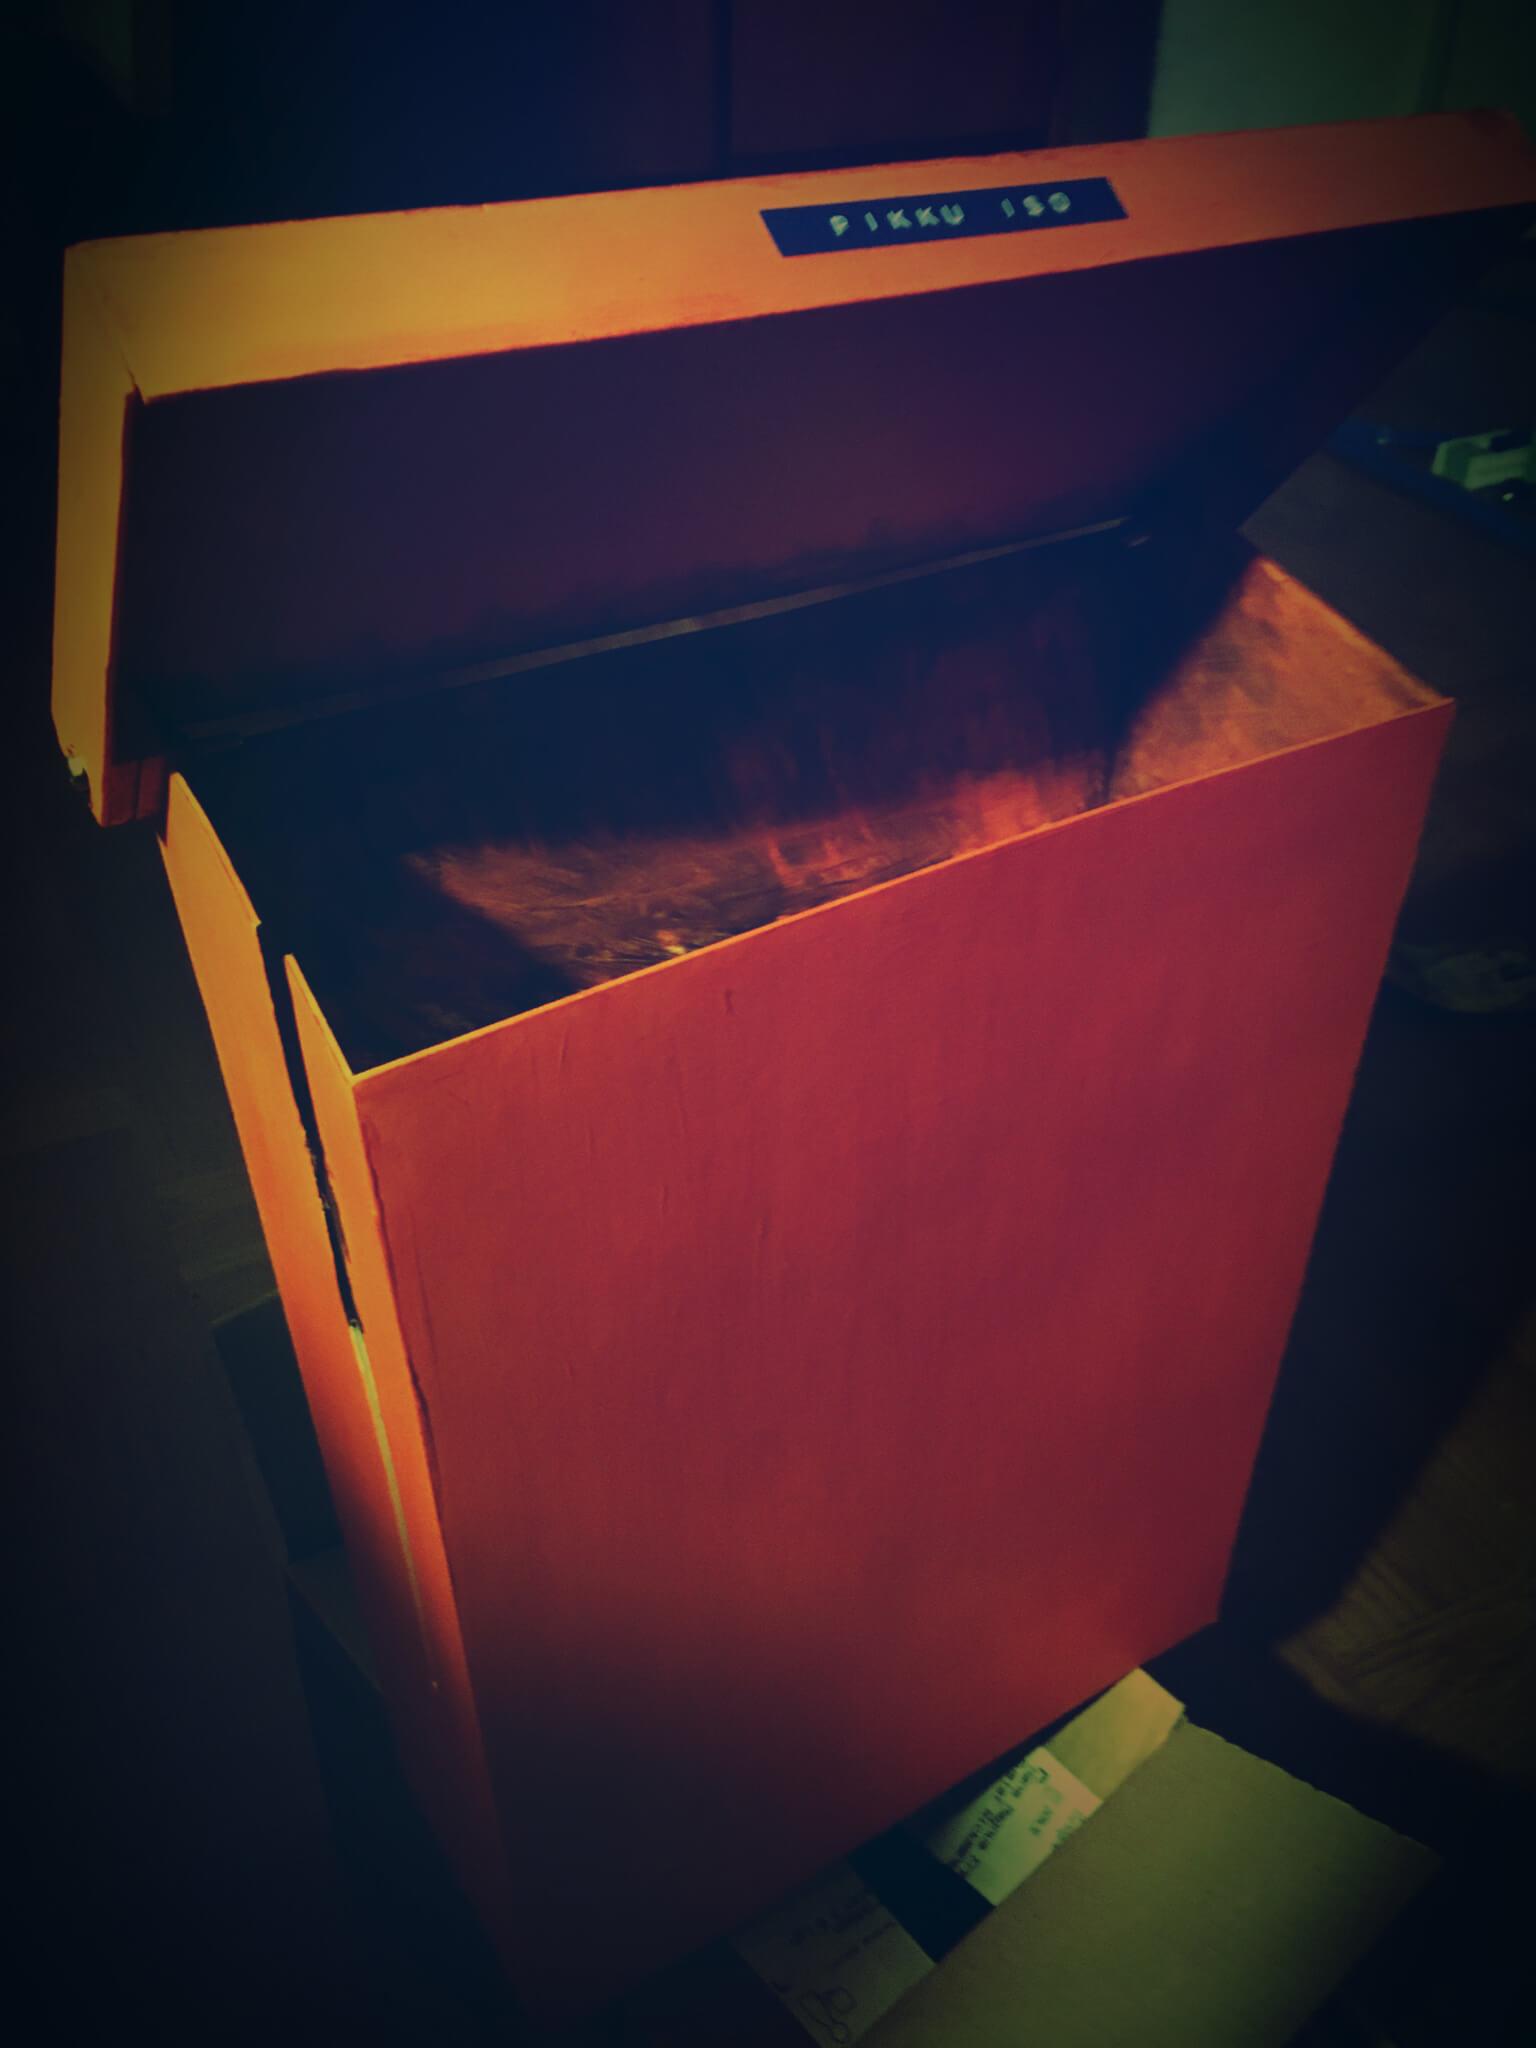 pikkus brevlåda pikku's mailbox